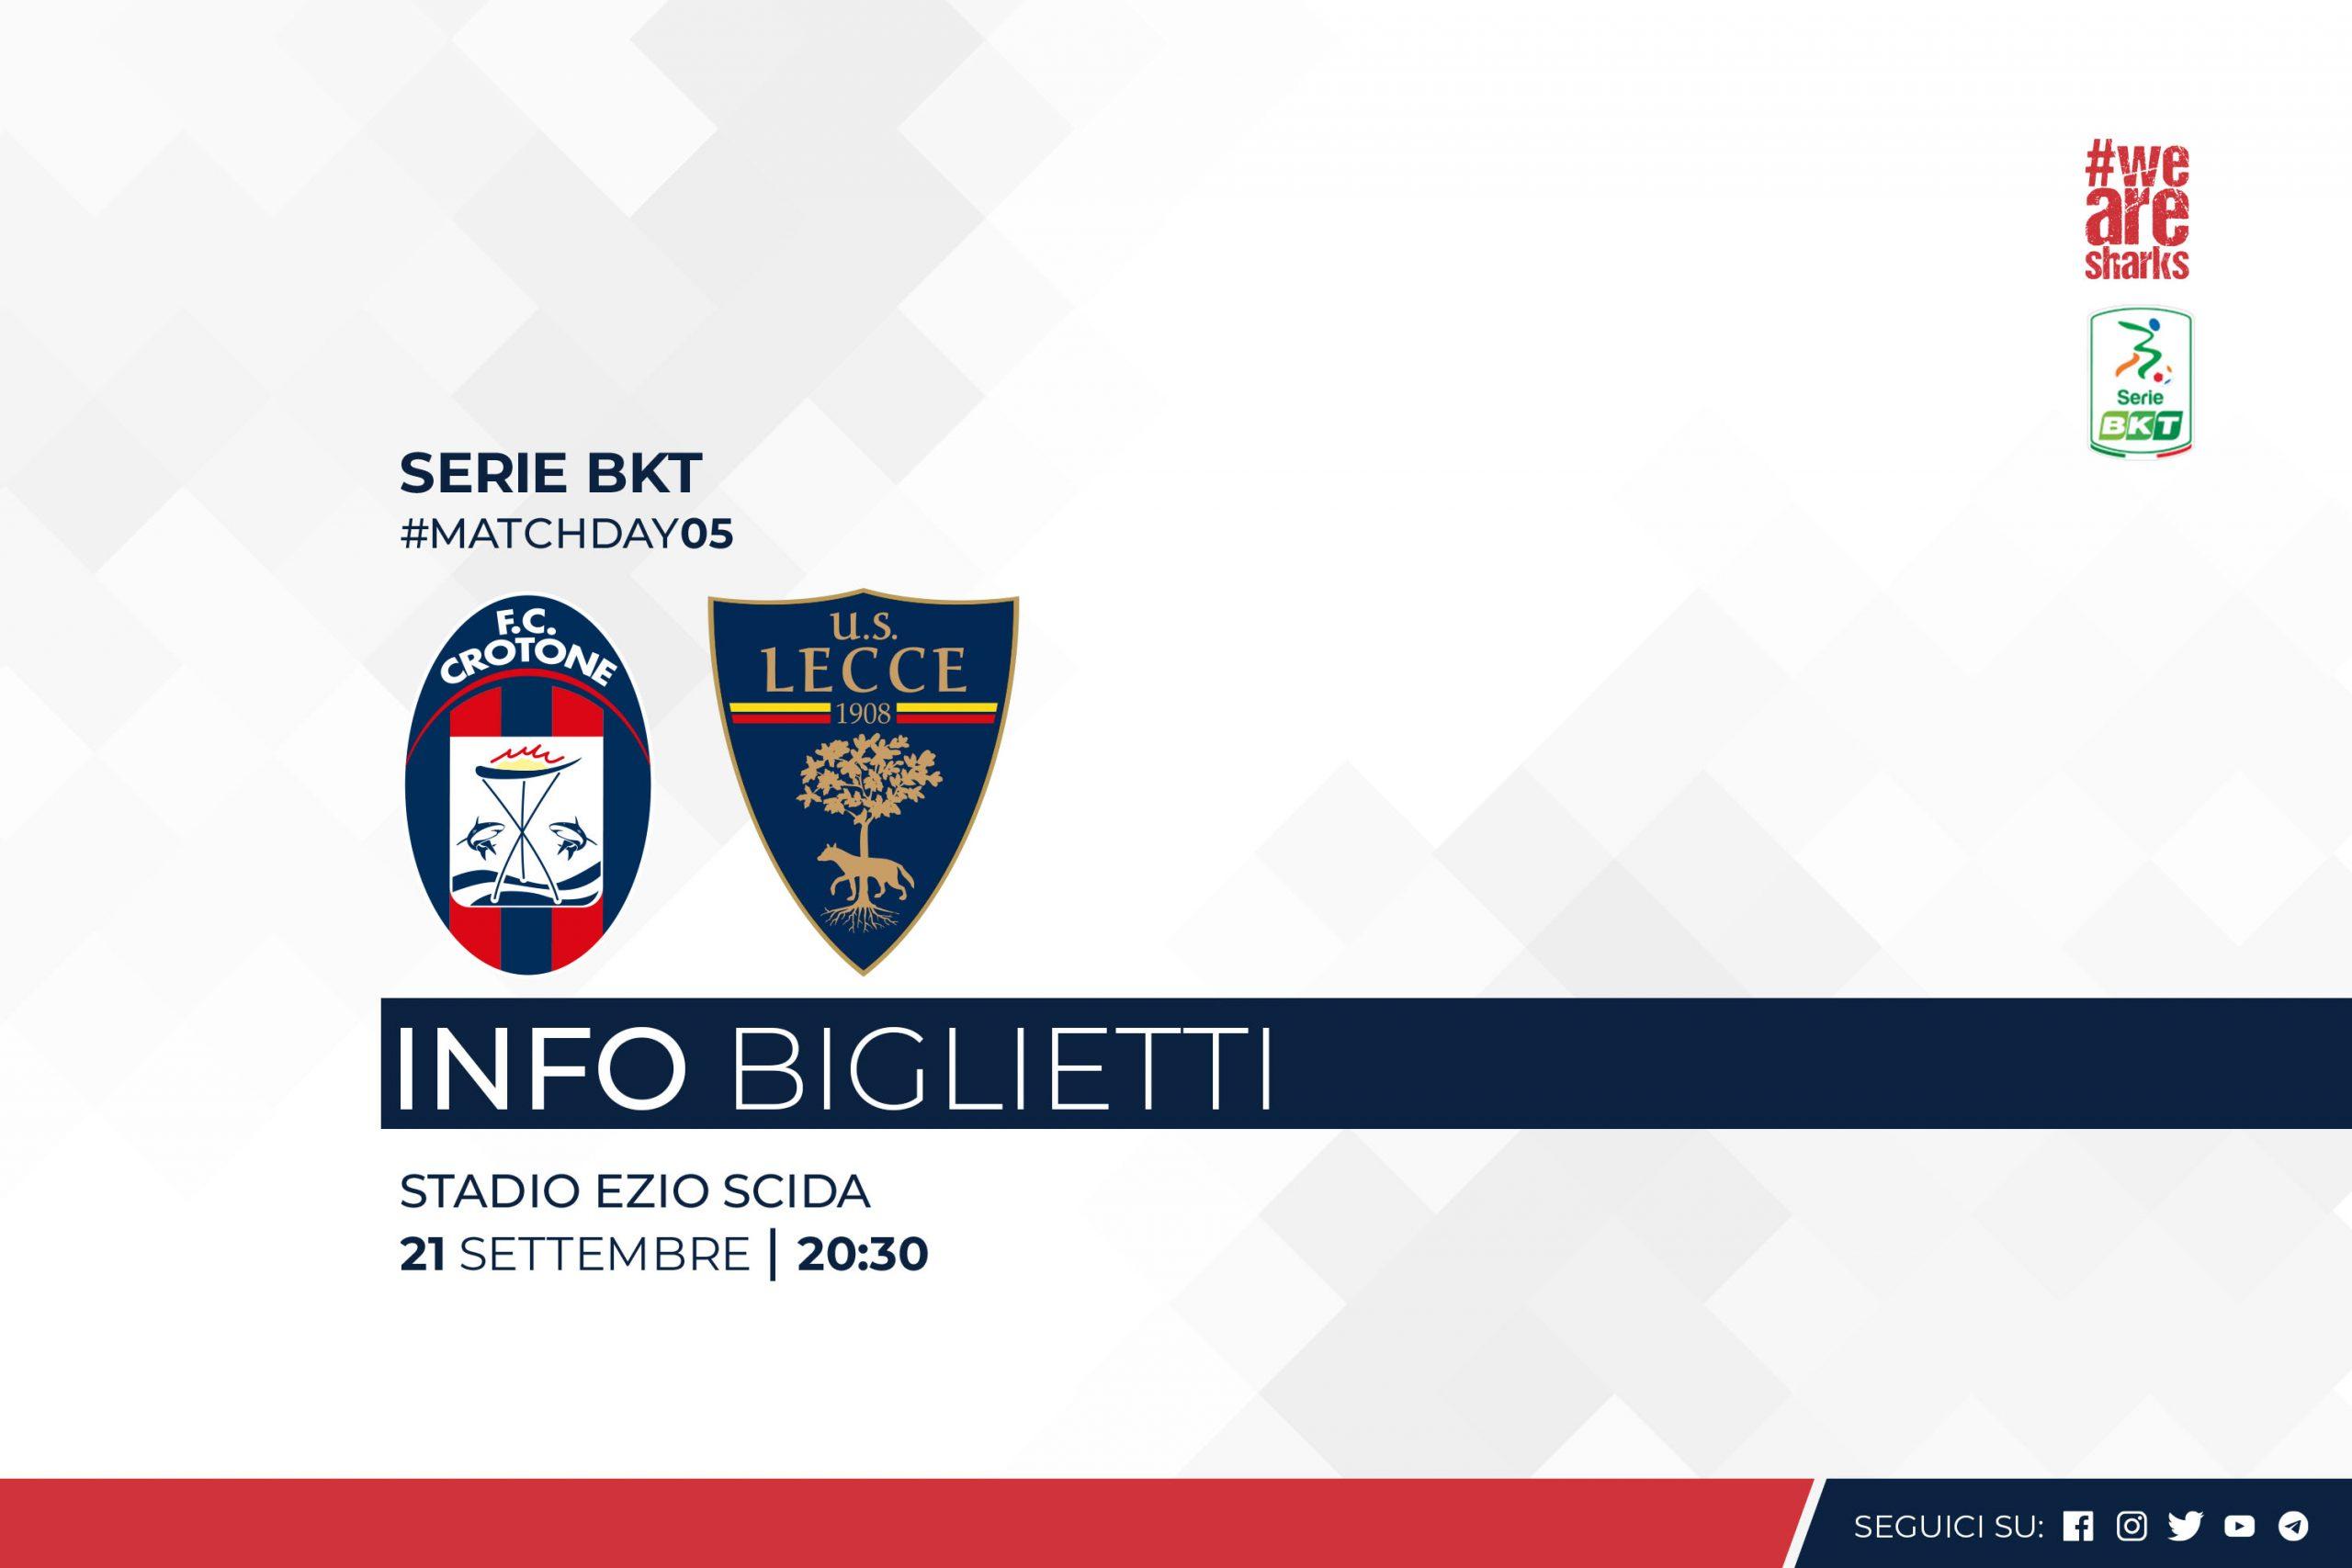 5ª giornata Serie BKT, #CrotoneLecce: info biglietti